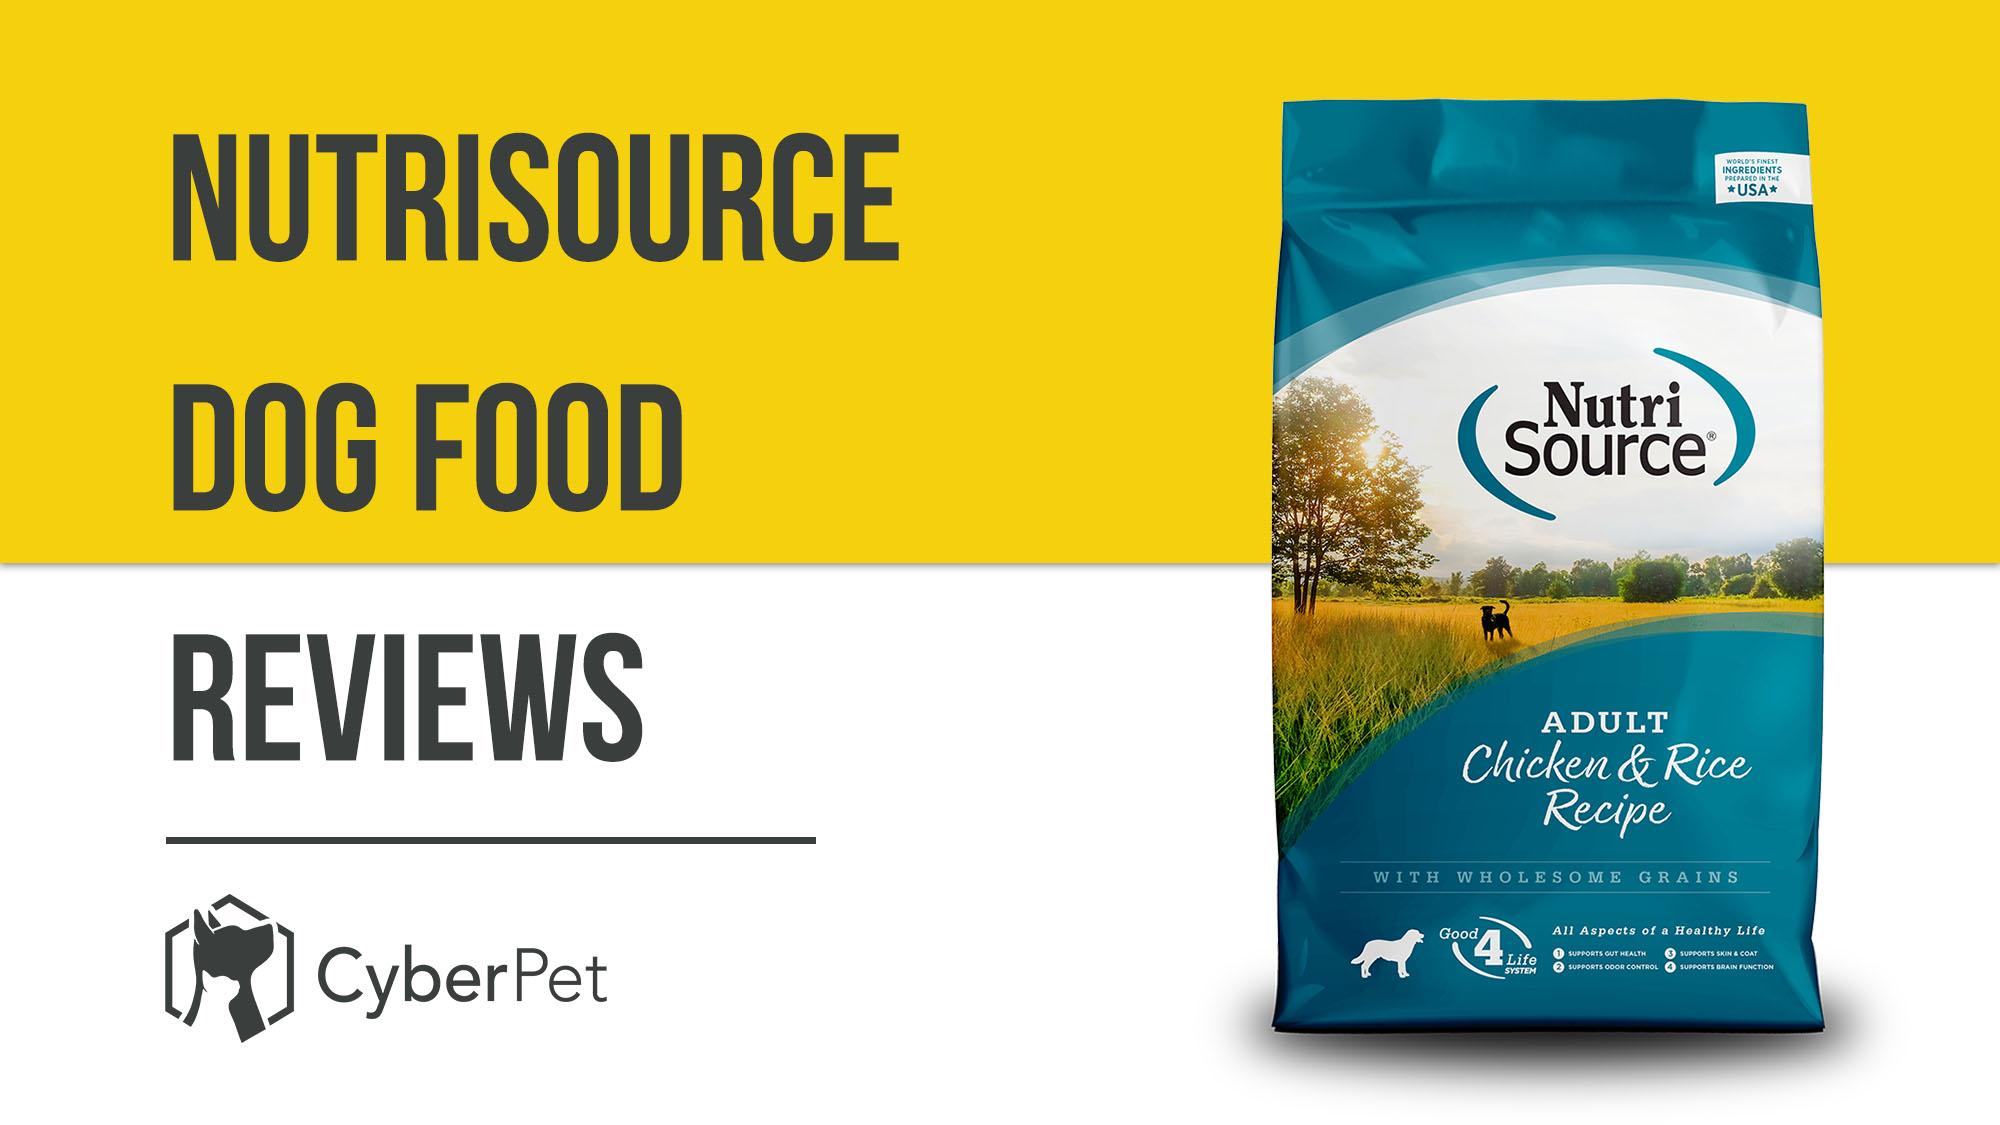 NutriSource Dog Food Reviews